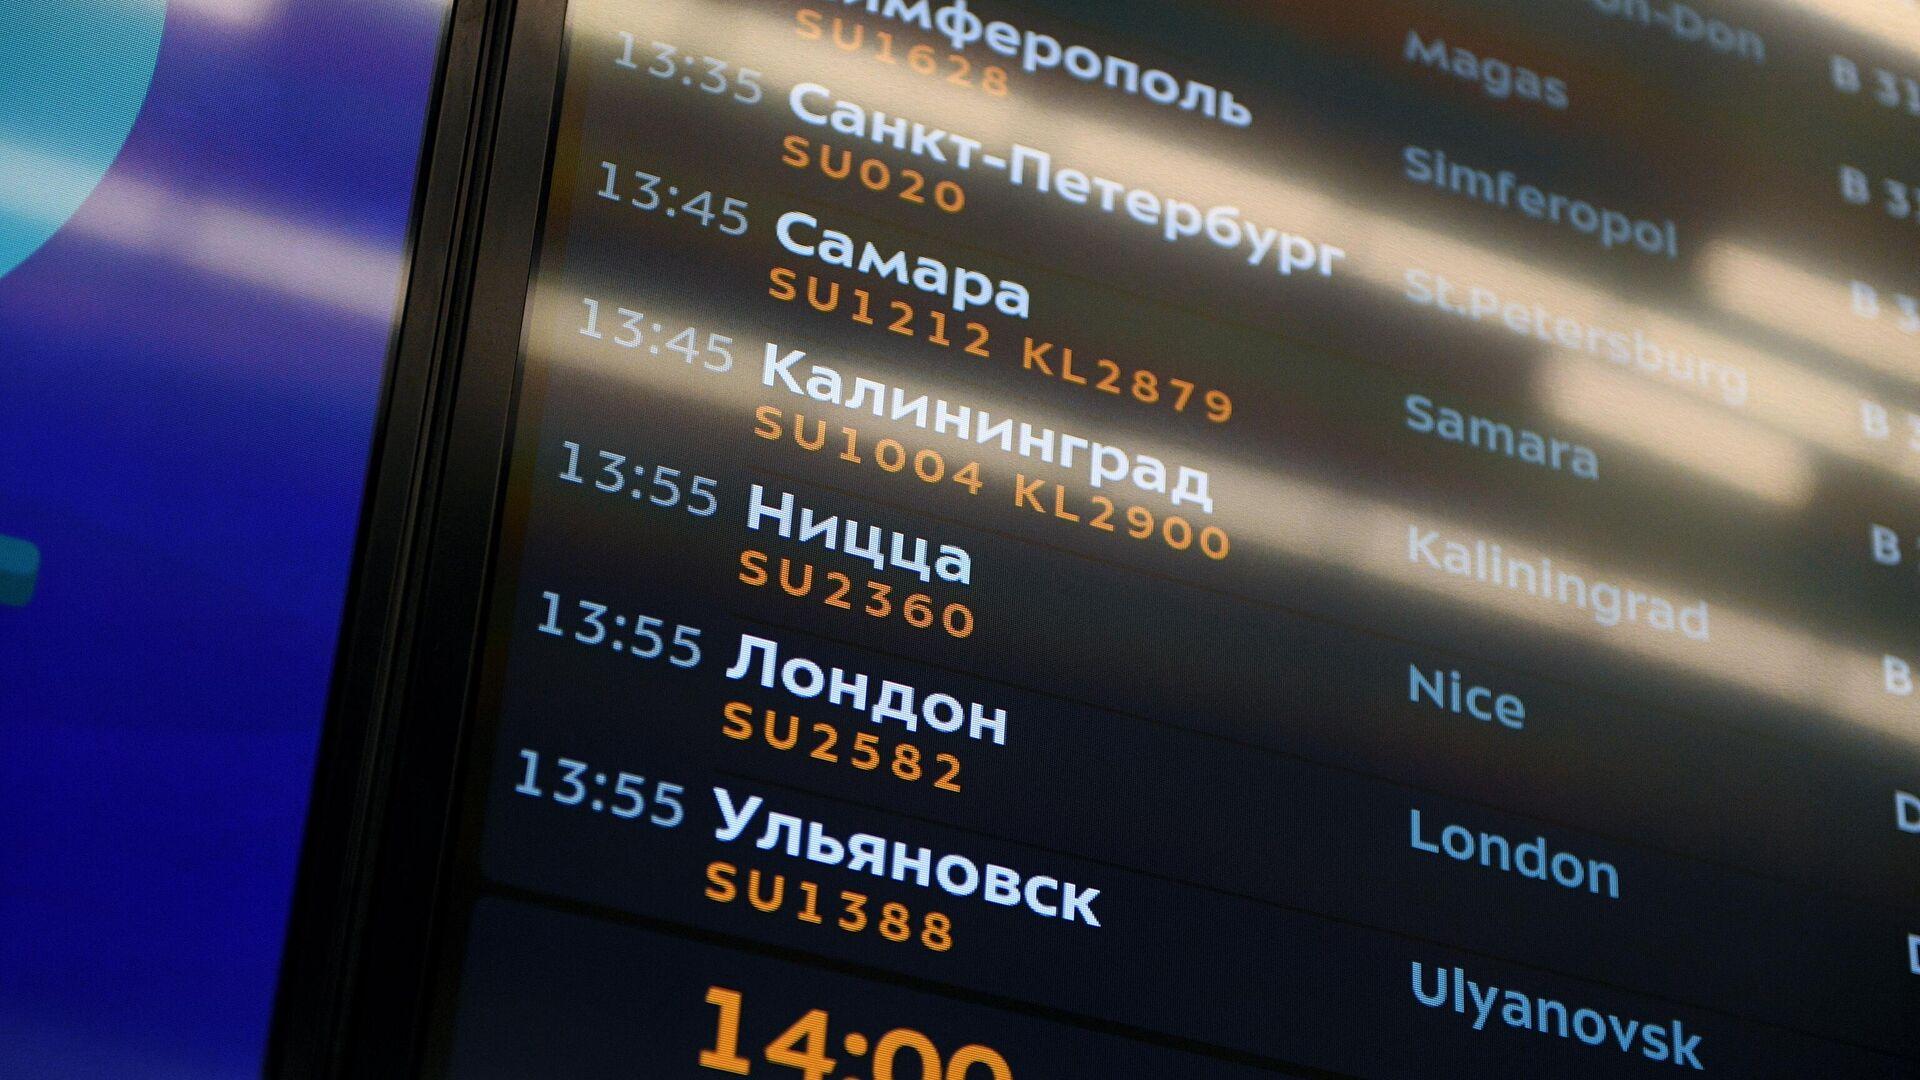 Информационное табло с расписанием рейсов в аэропорту Шереметьево - РИА Новости, 1920, 24.09.2020